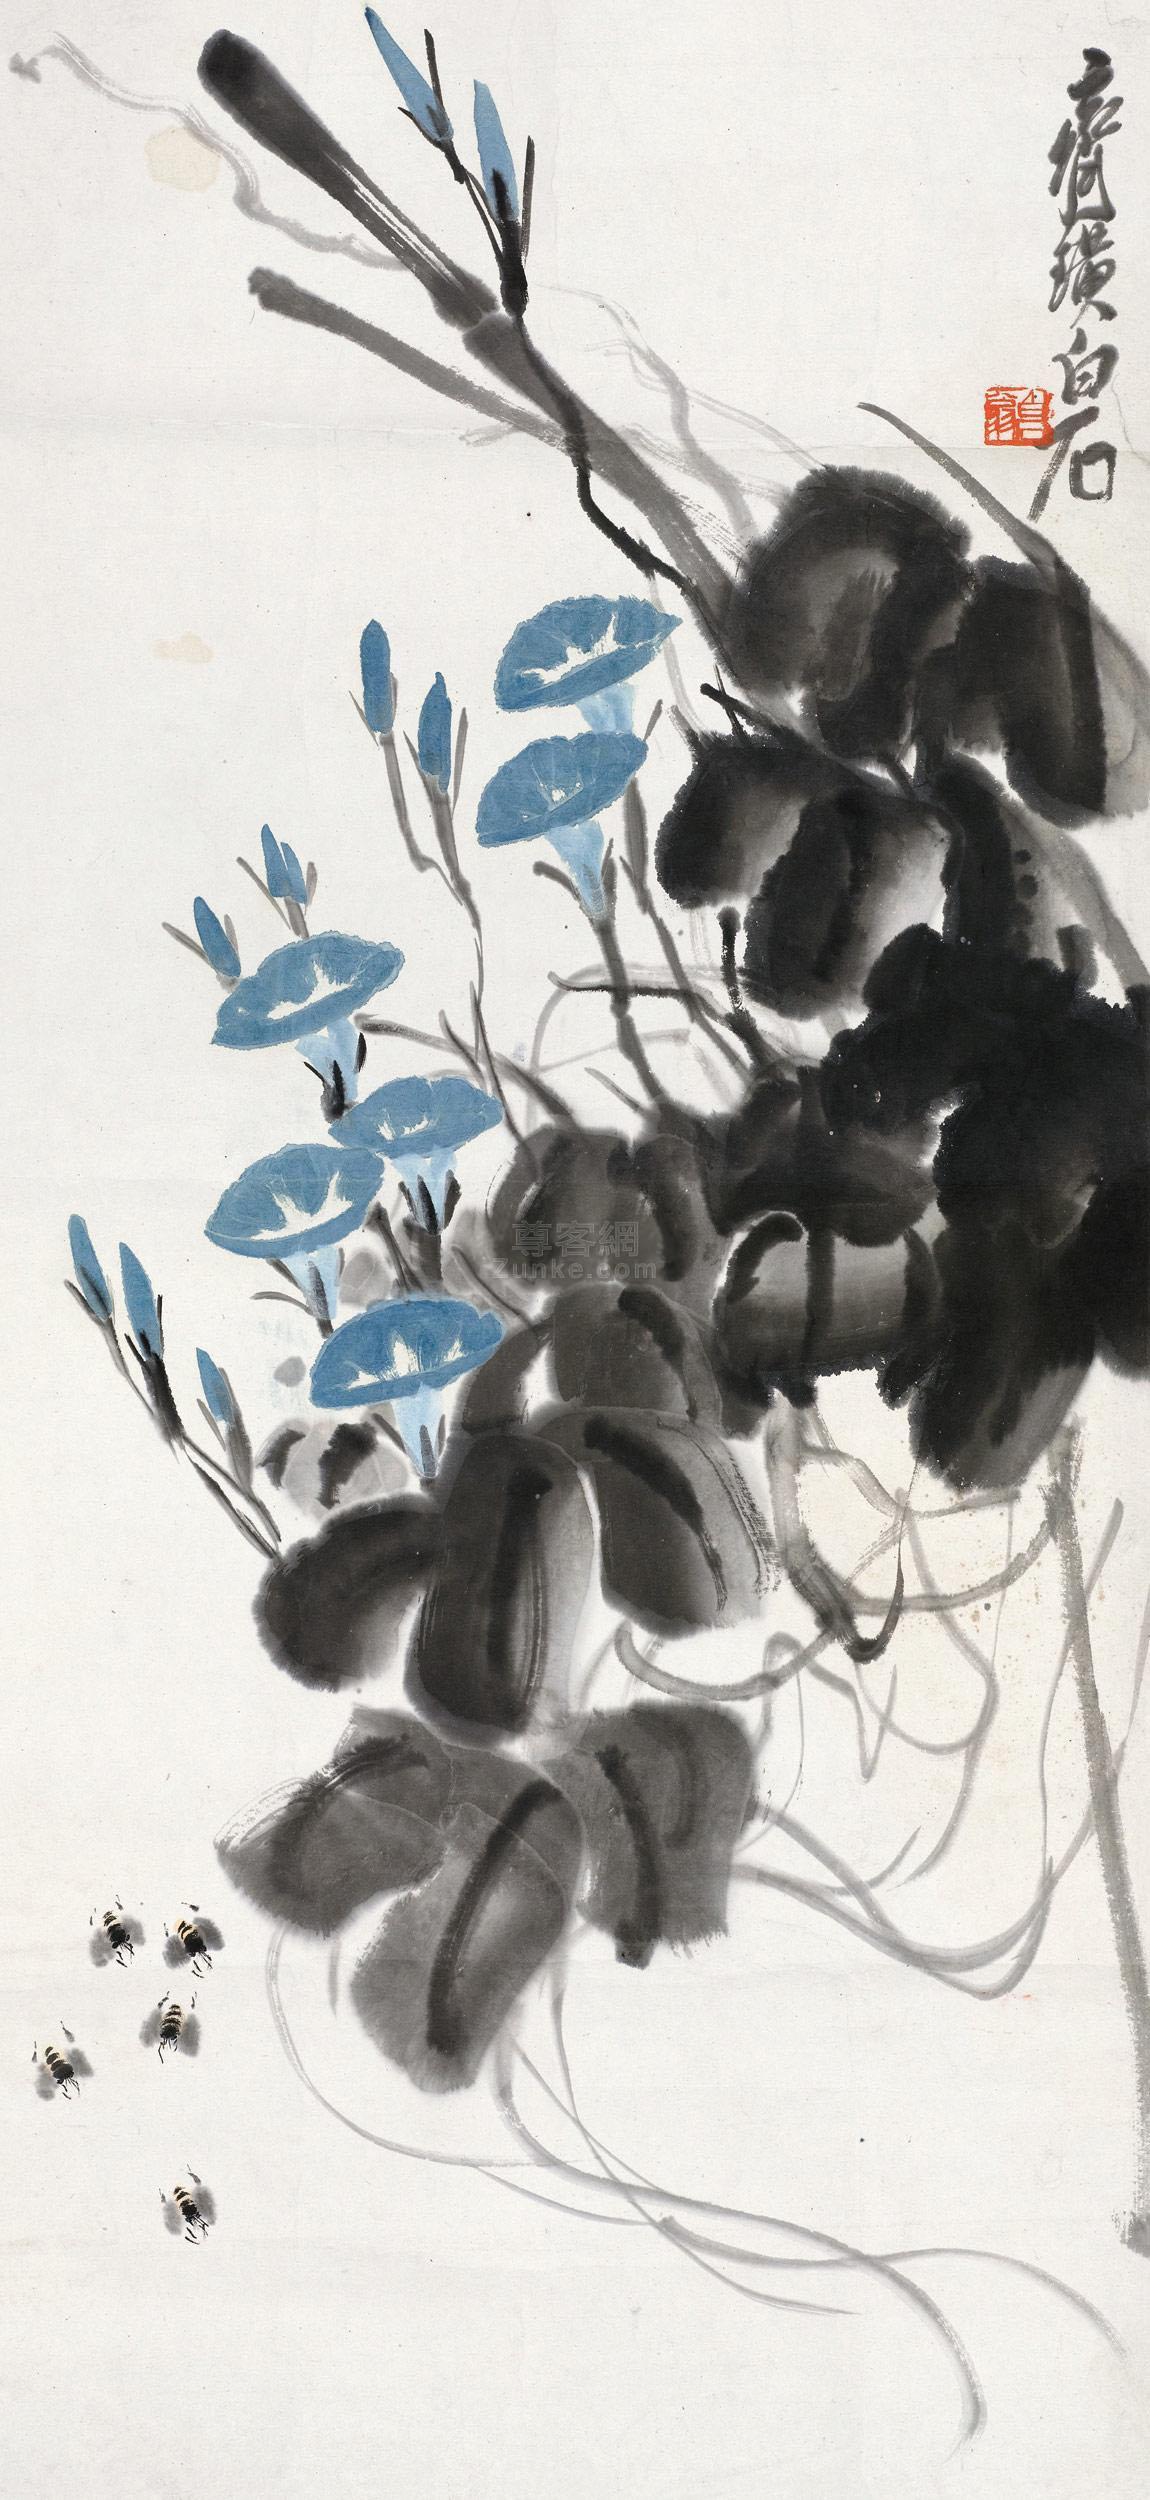 齐白石 蜜蜂朝颜 镜片 设色纸本作品欣赏